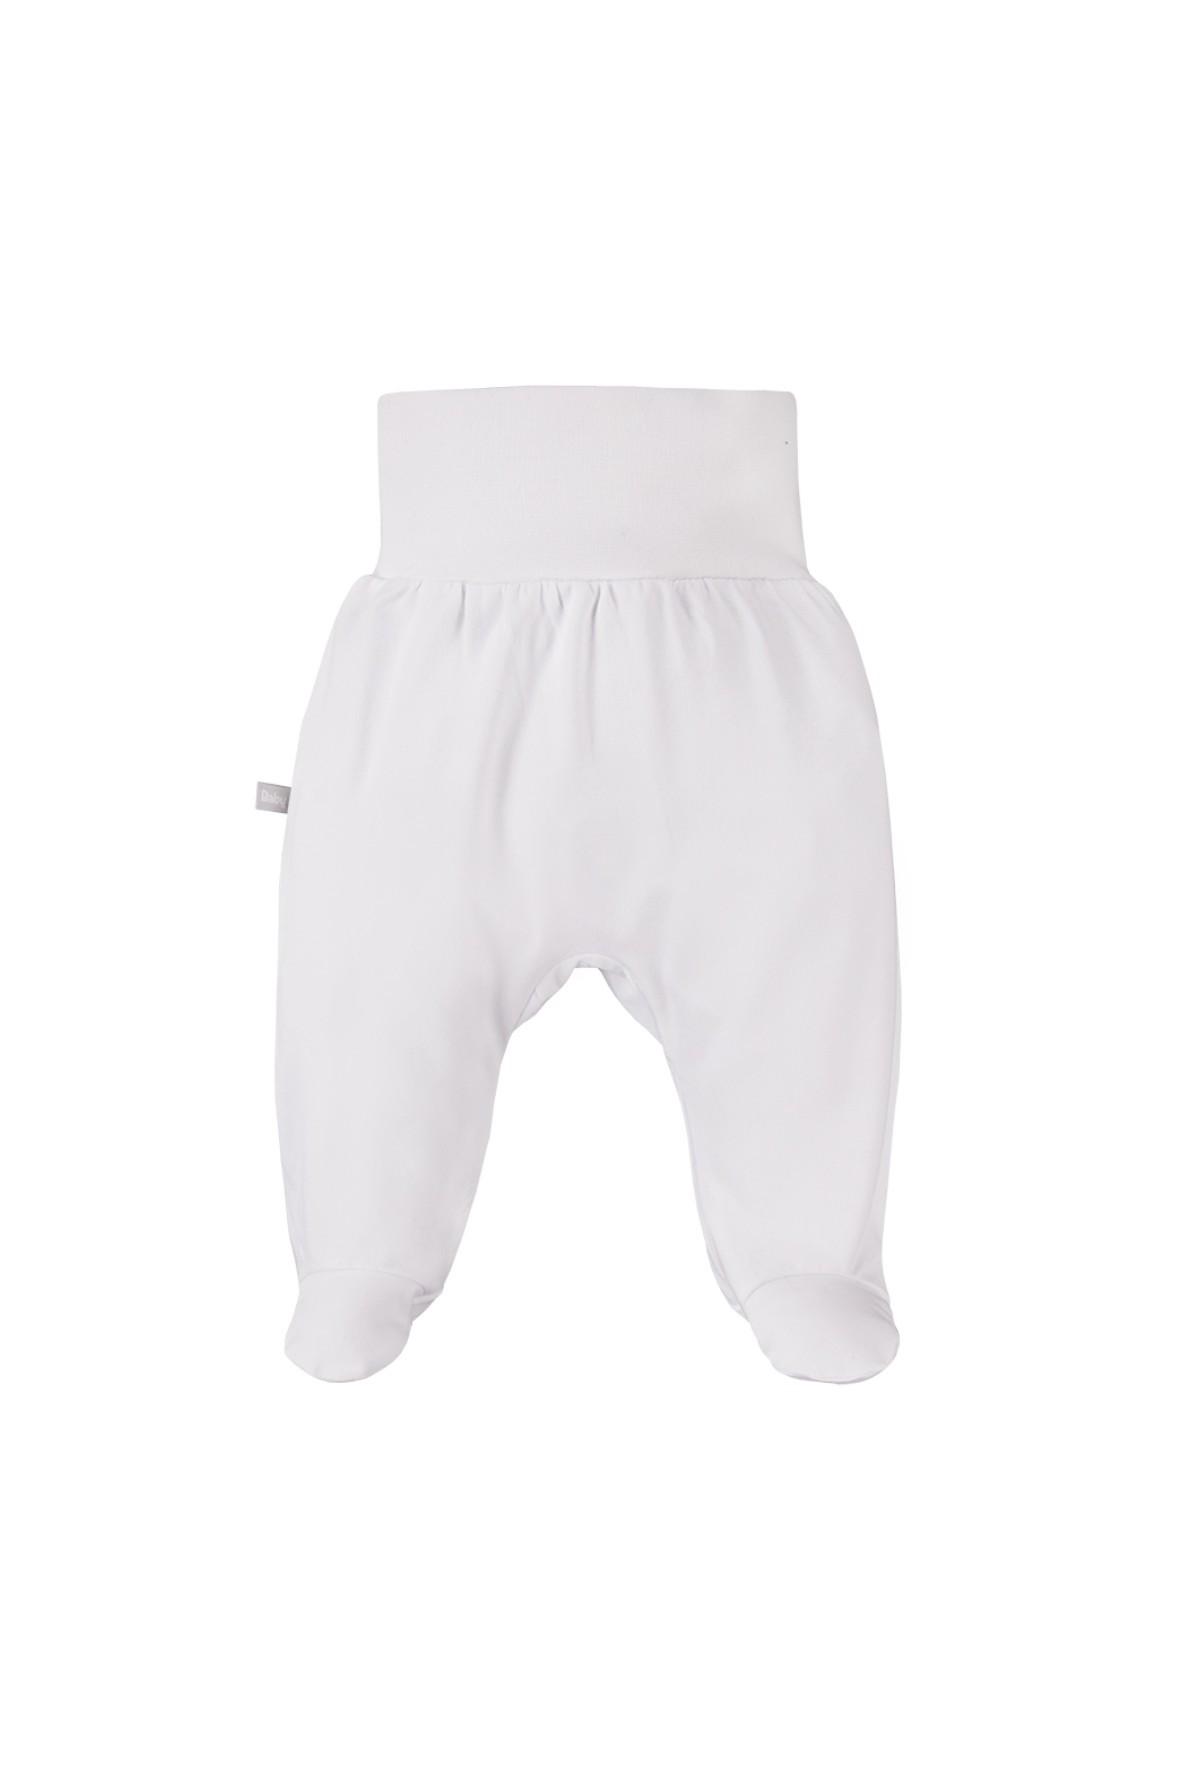 Półśpioch niemowlęcy w kolorze białym